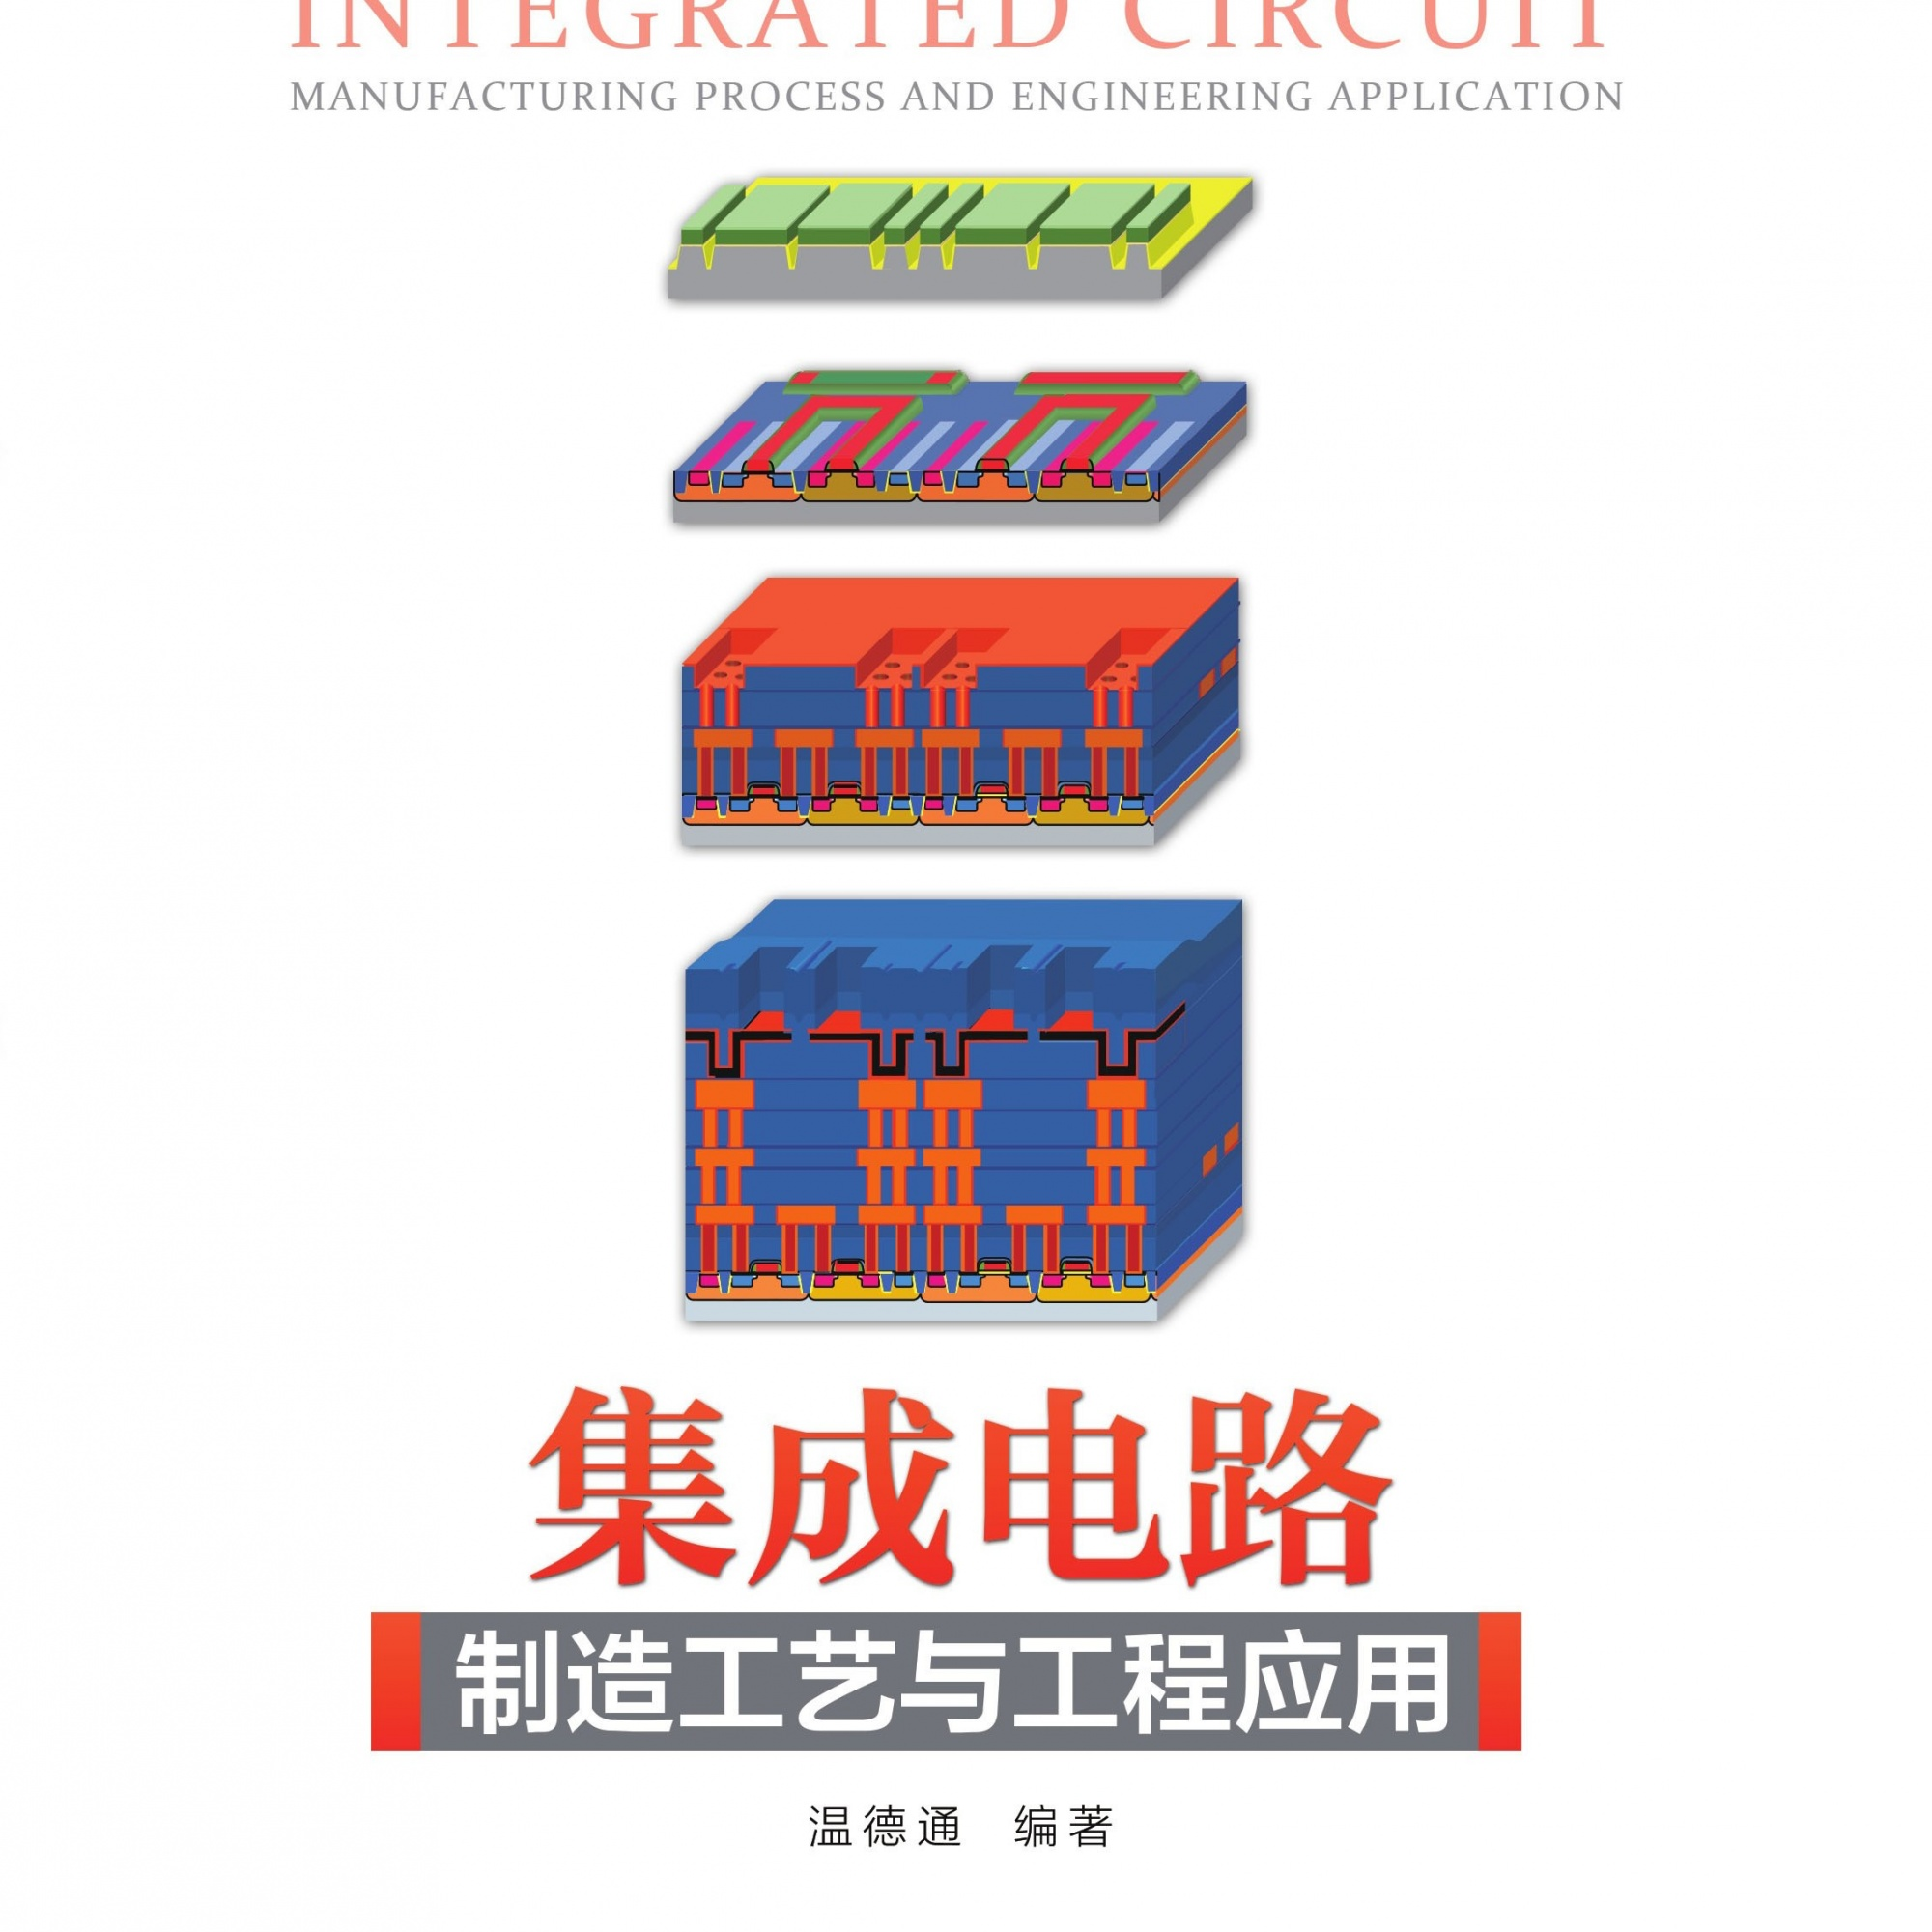 《集成电路制造工艺与工程应用》最强PPT版,免费奉送!